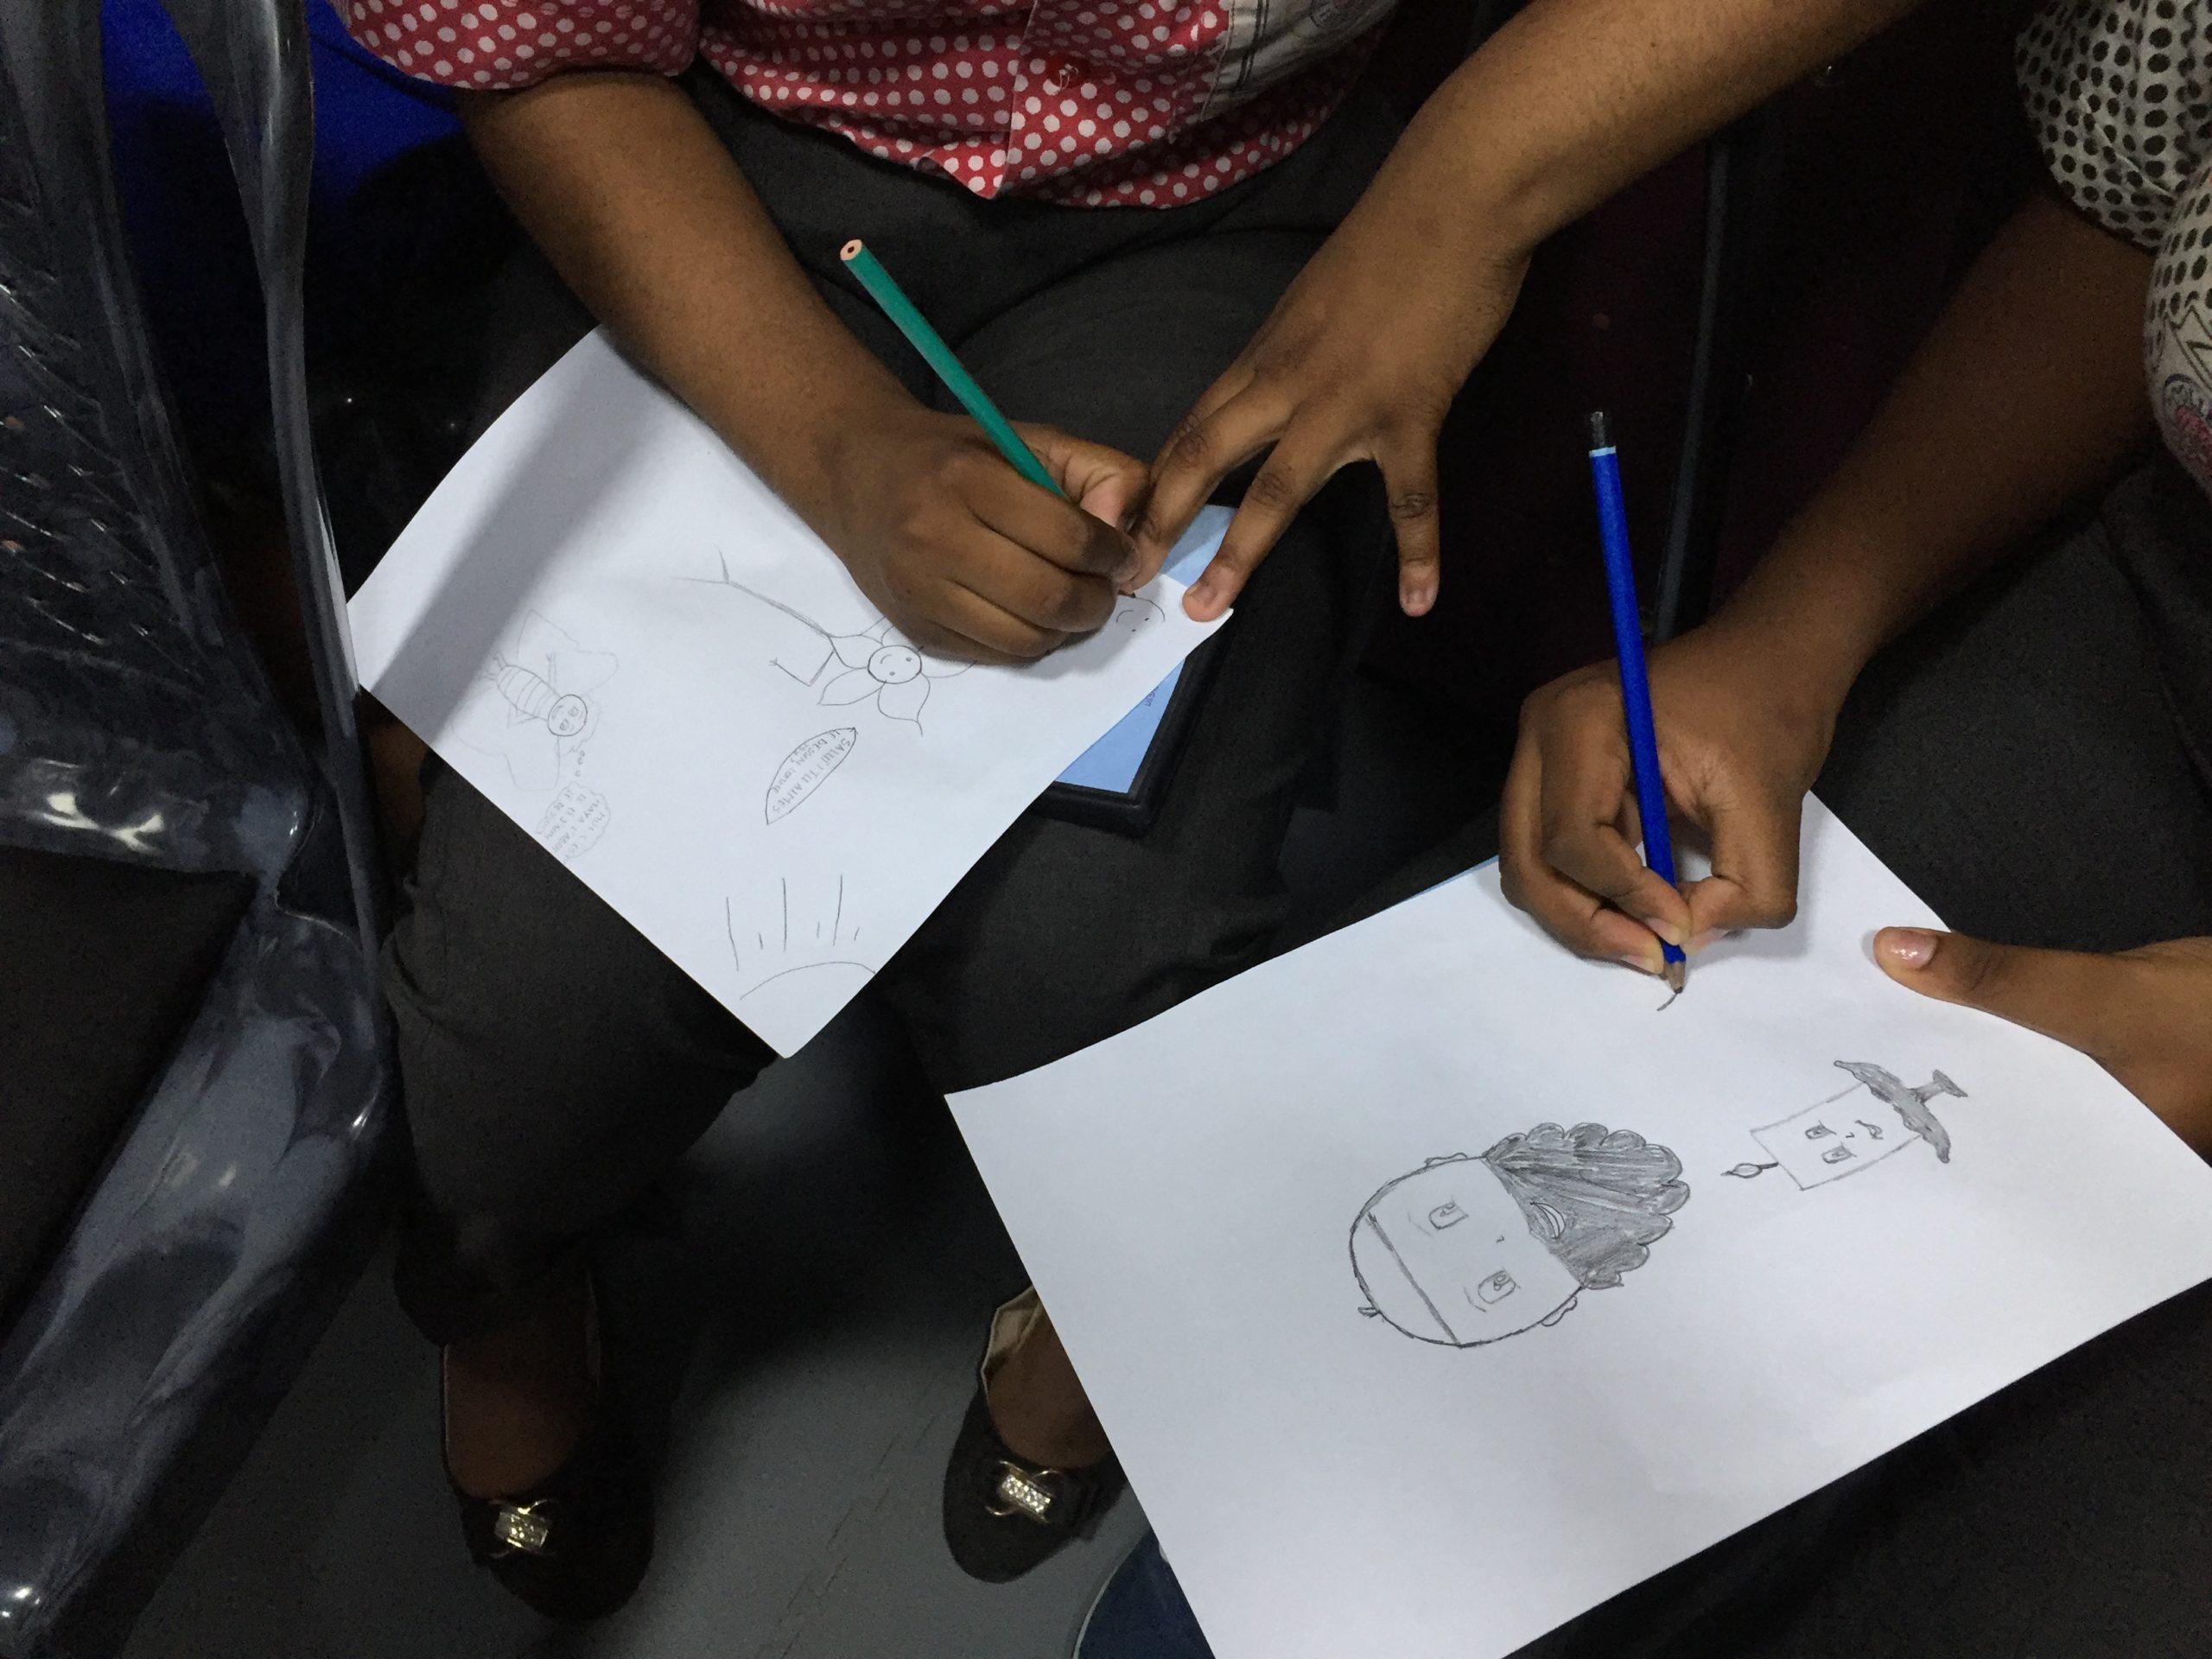 Participez au concours du dessin scolaire